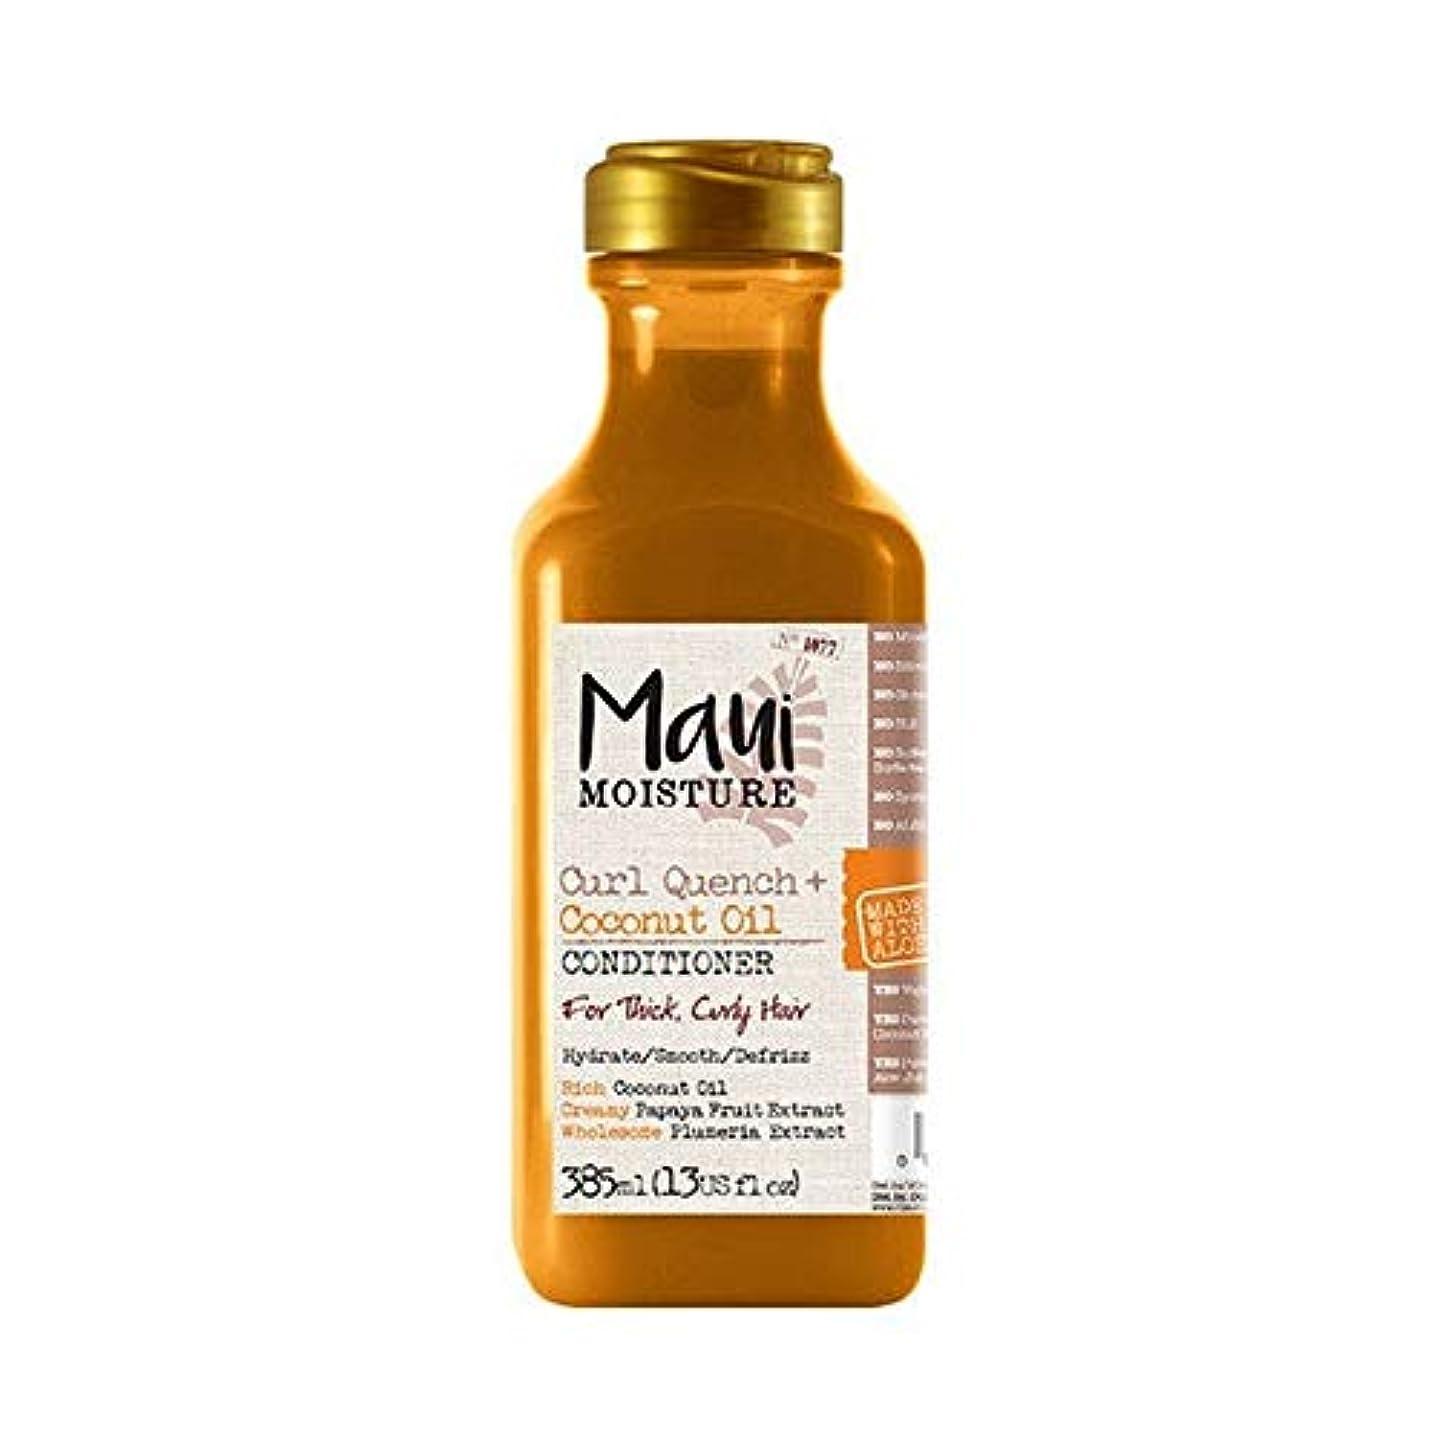 [Maui Moisture ] マウイ水分カールクエンチ+ココナッツオイルコンディショナー - Maui Moisture Curl Quench + Coconut Oil Conditioner [並行輸入品]